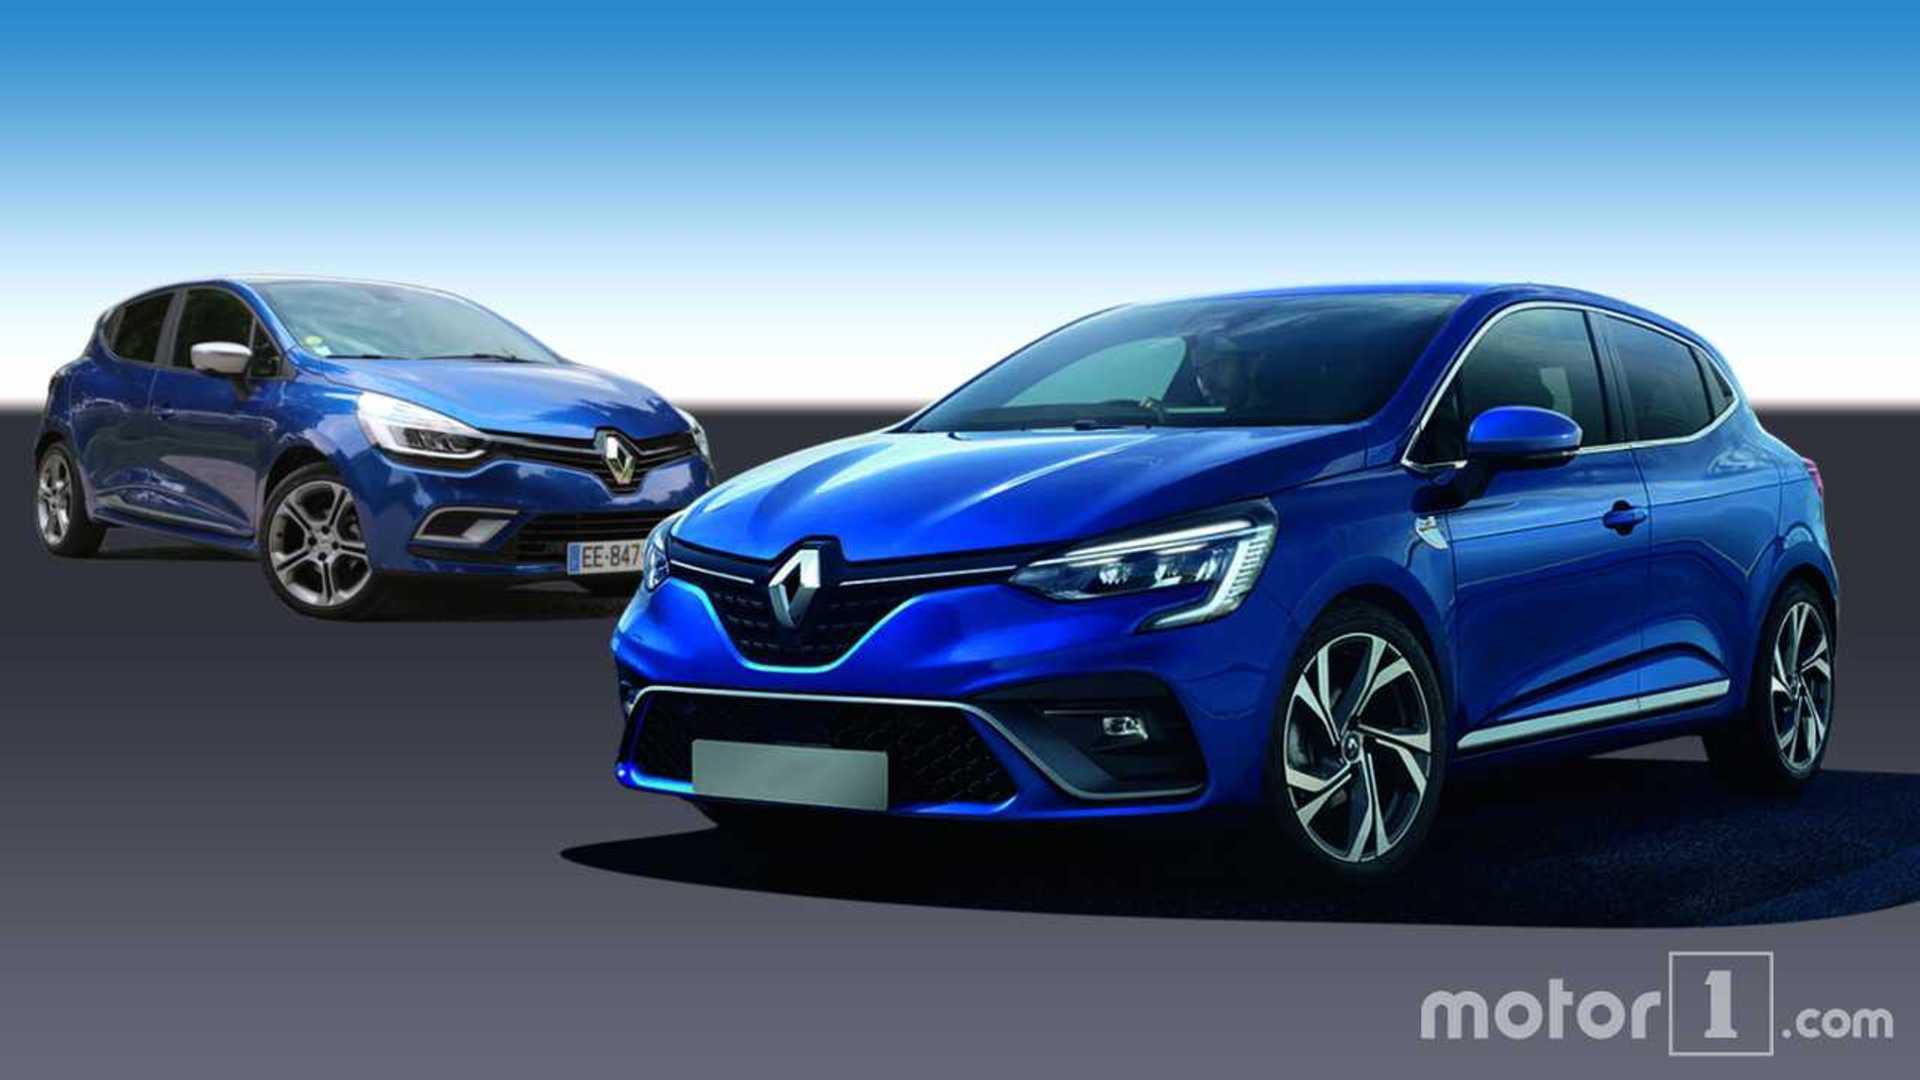 Renault Clio 2019 Vs 2012 Todos Los Cambios De Diseño